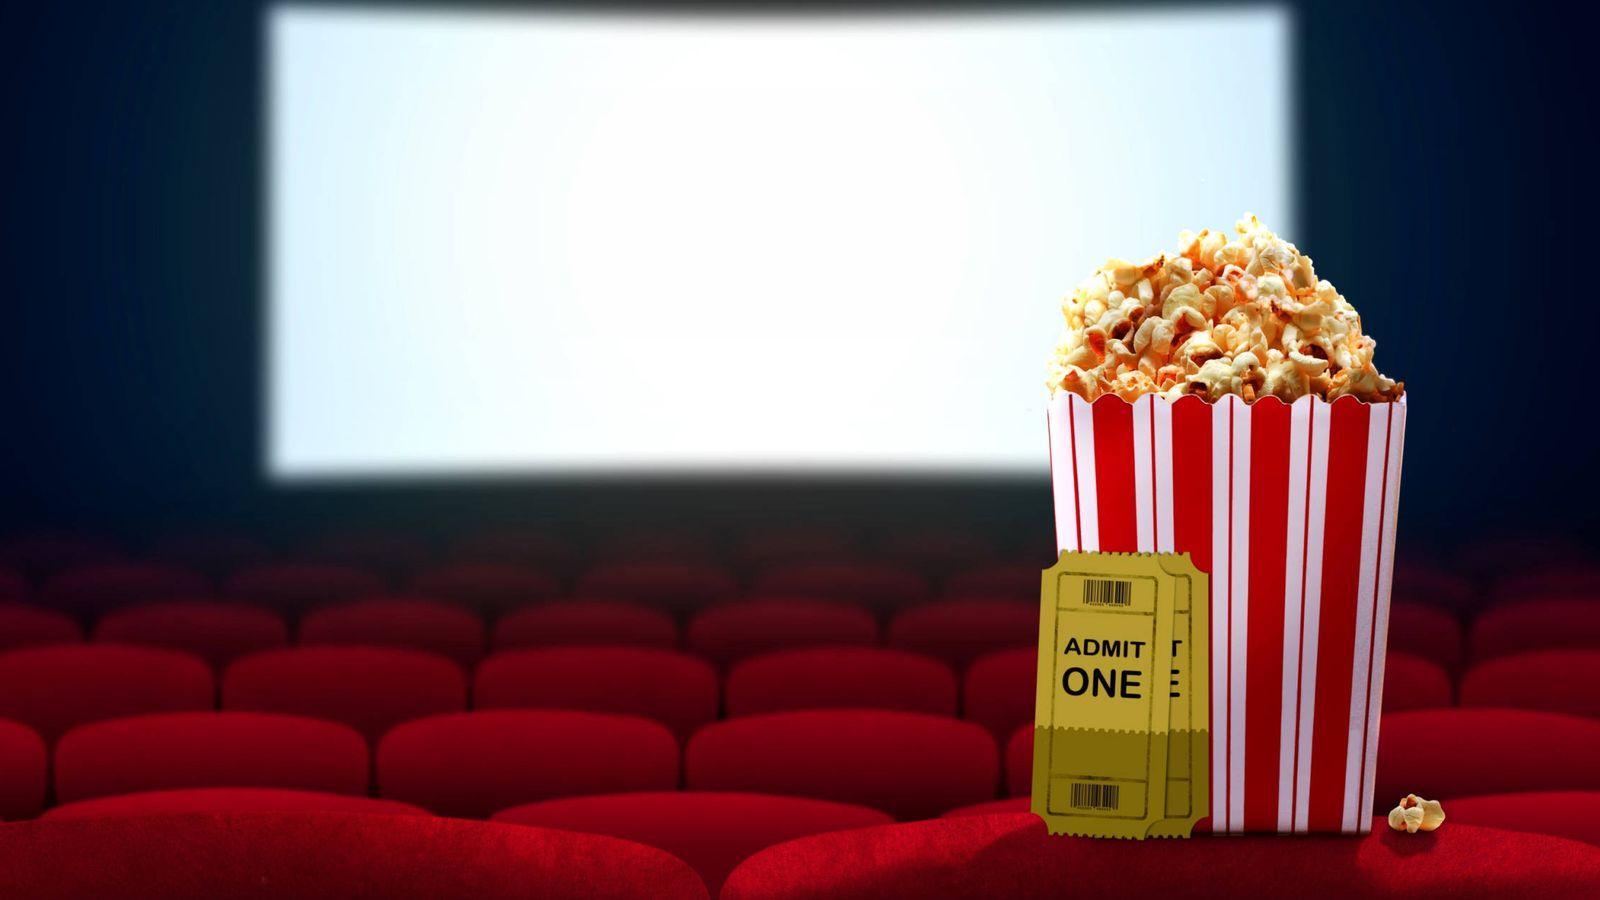 Por qué se comen palomitas en el cine en vez de otros 'snacks'